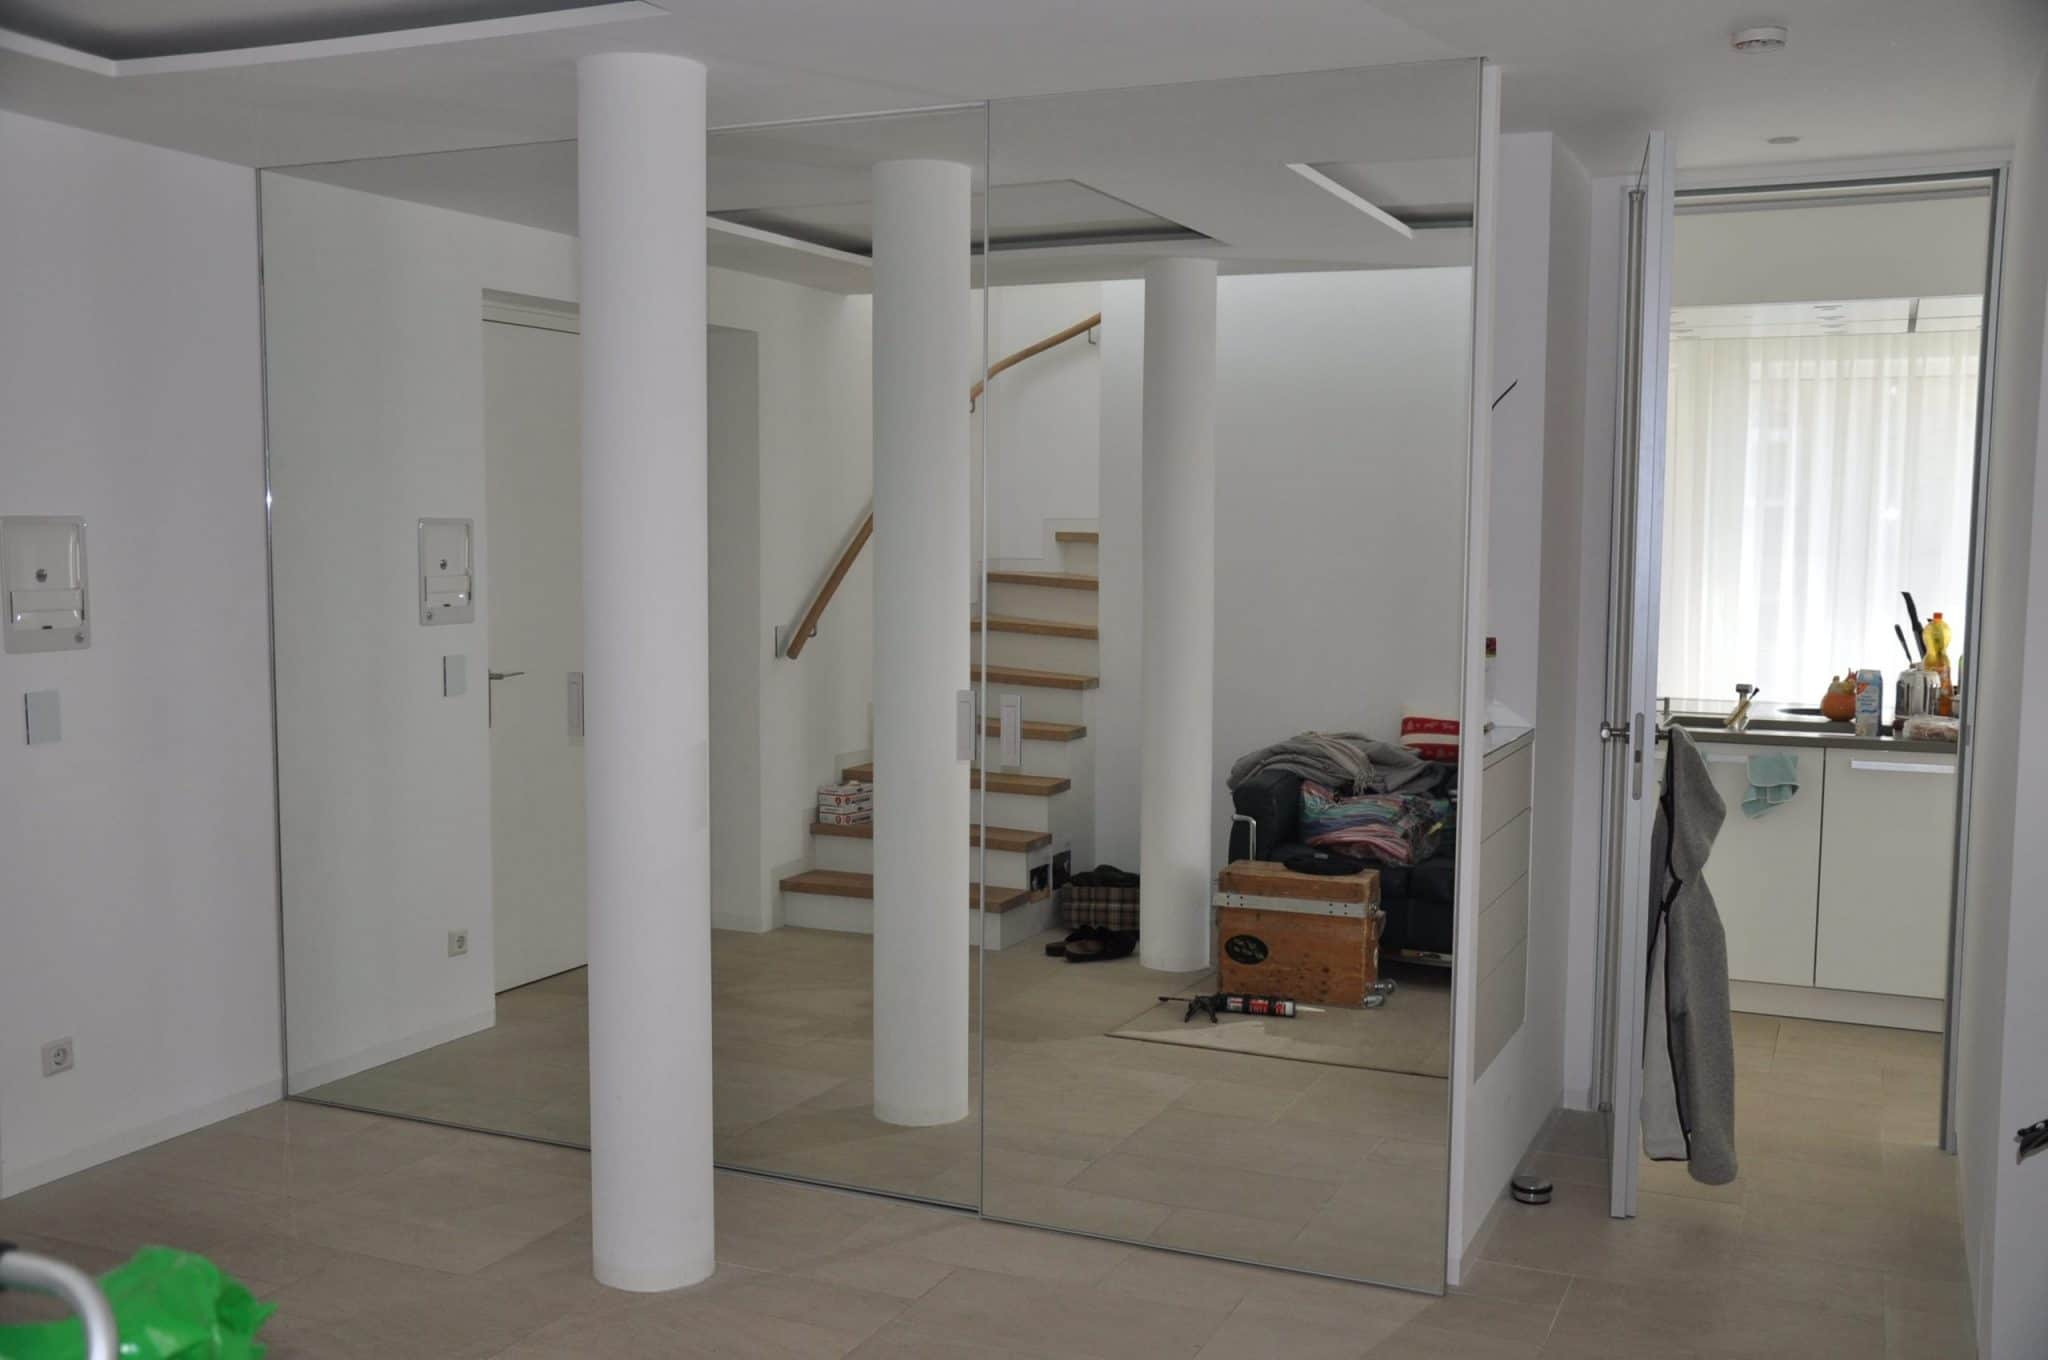 tischlerei-hanses-essen-moebel-handwerk-garderobe-7